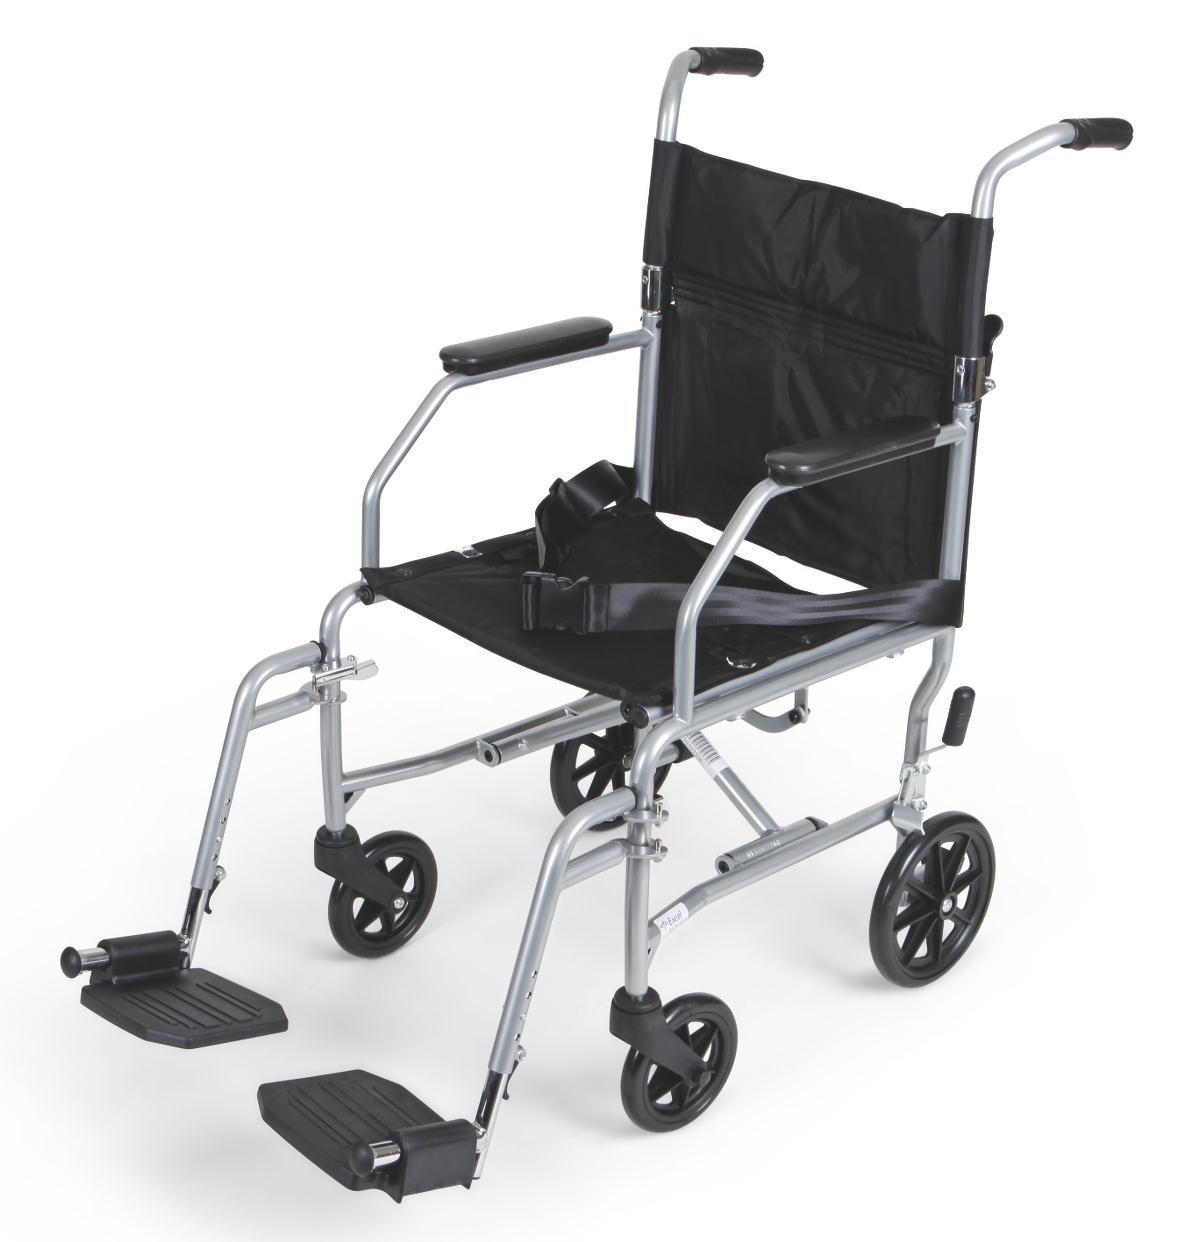 carex transport chair posture desk basic steel medline industries inc click here